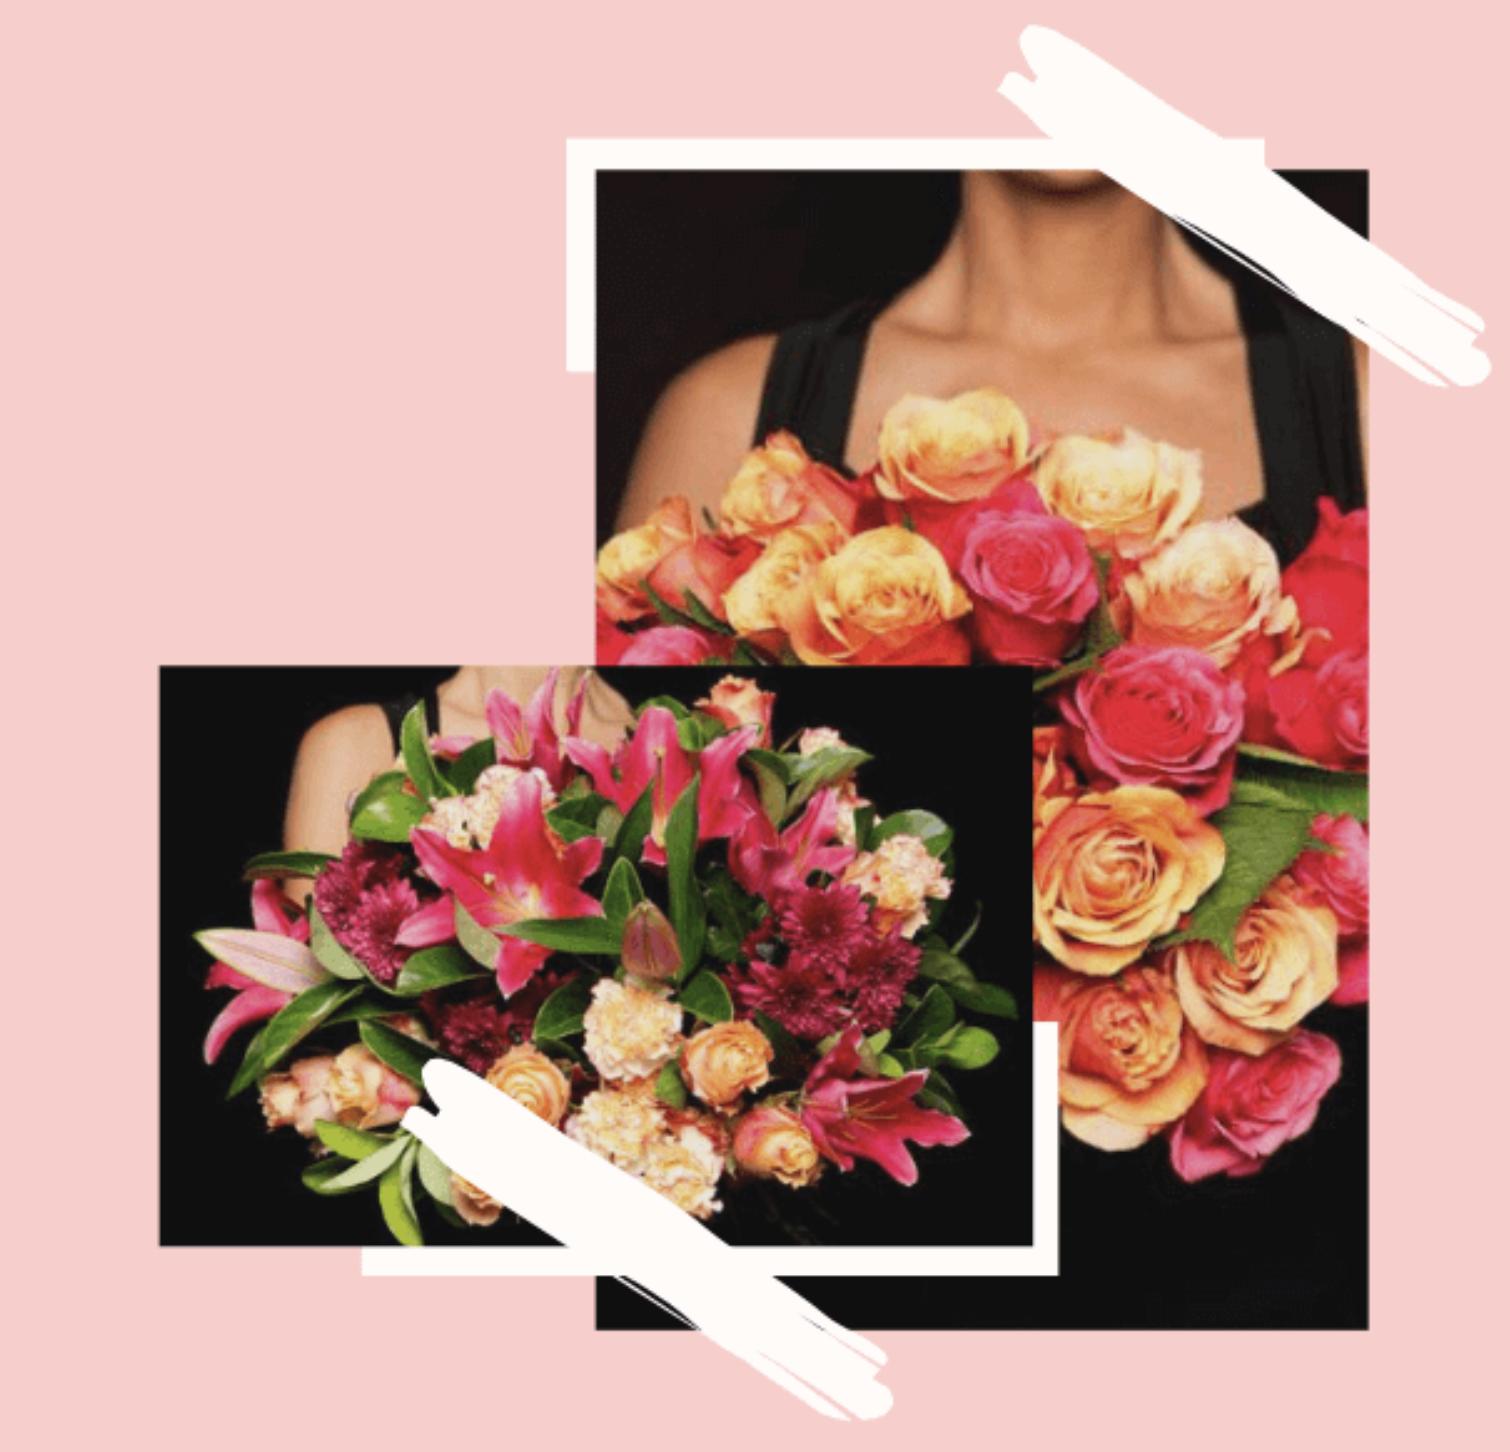 Bag a Bouquet - A Market Place for your florist needs!